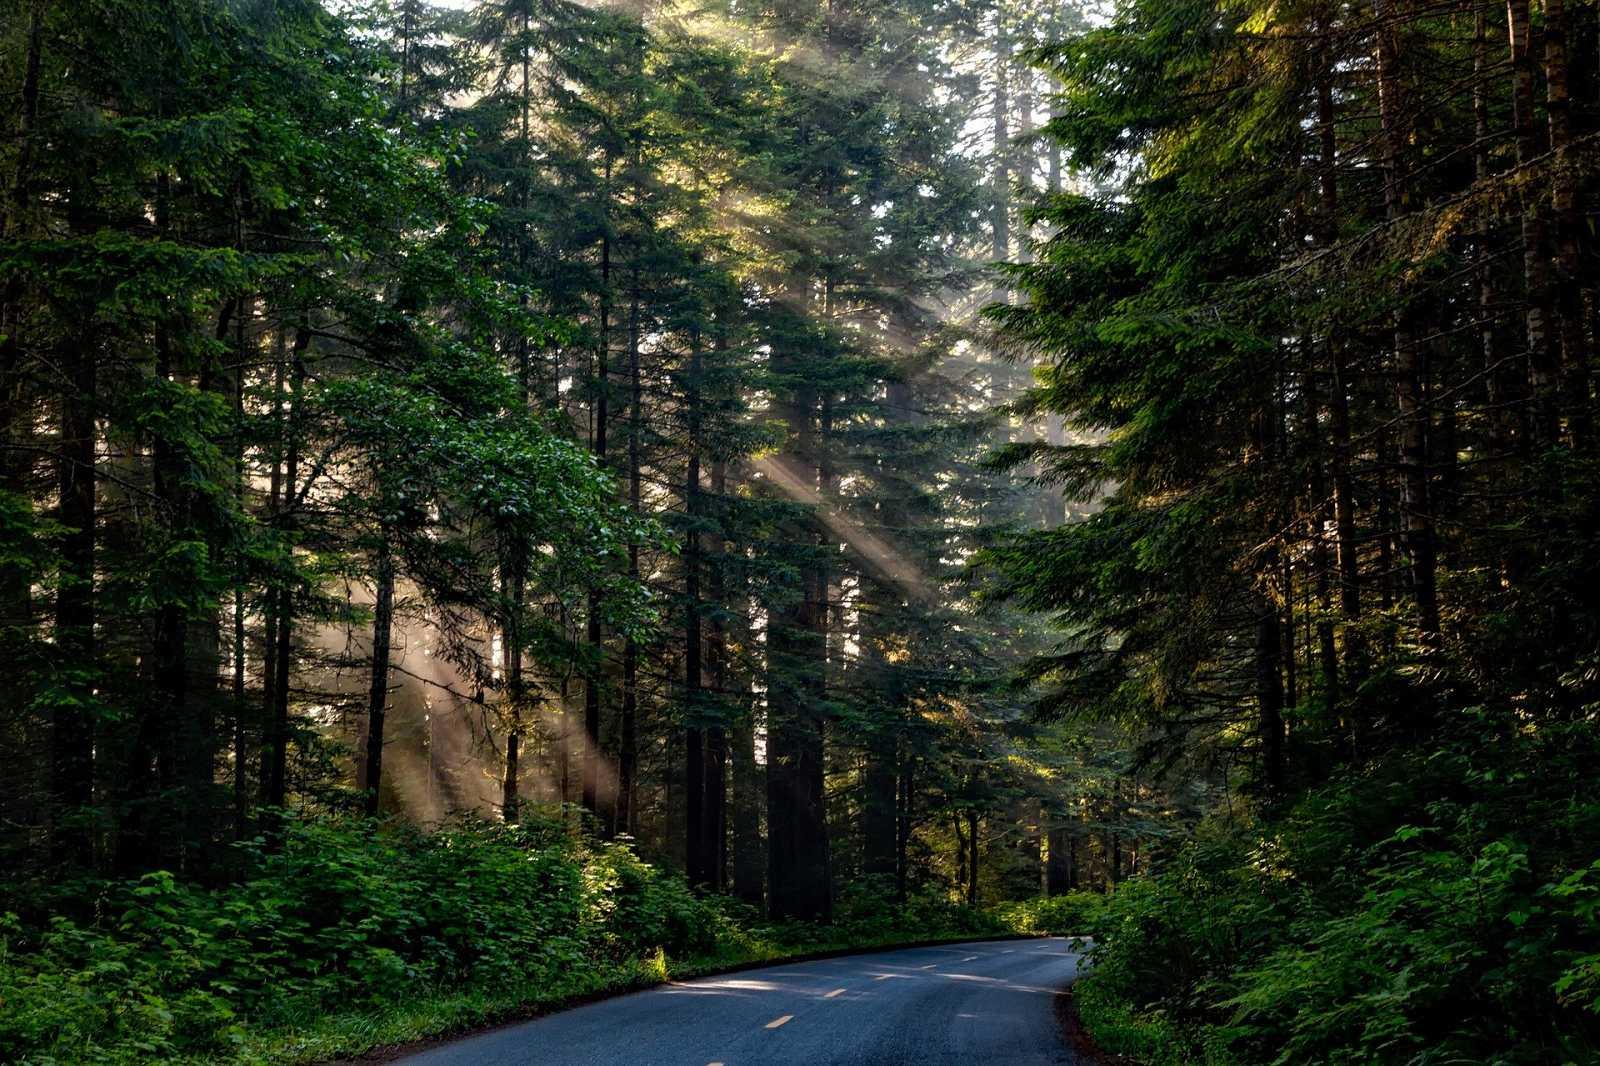 Reportajes en R5  -  Los bosques y las dehesas ayudan a luchar contra el cambio climático. - 16/03/21 - Escuchar ahora